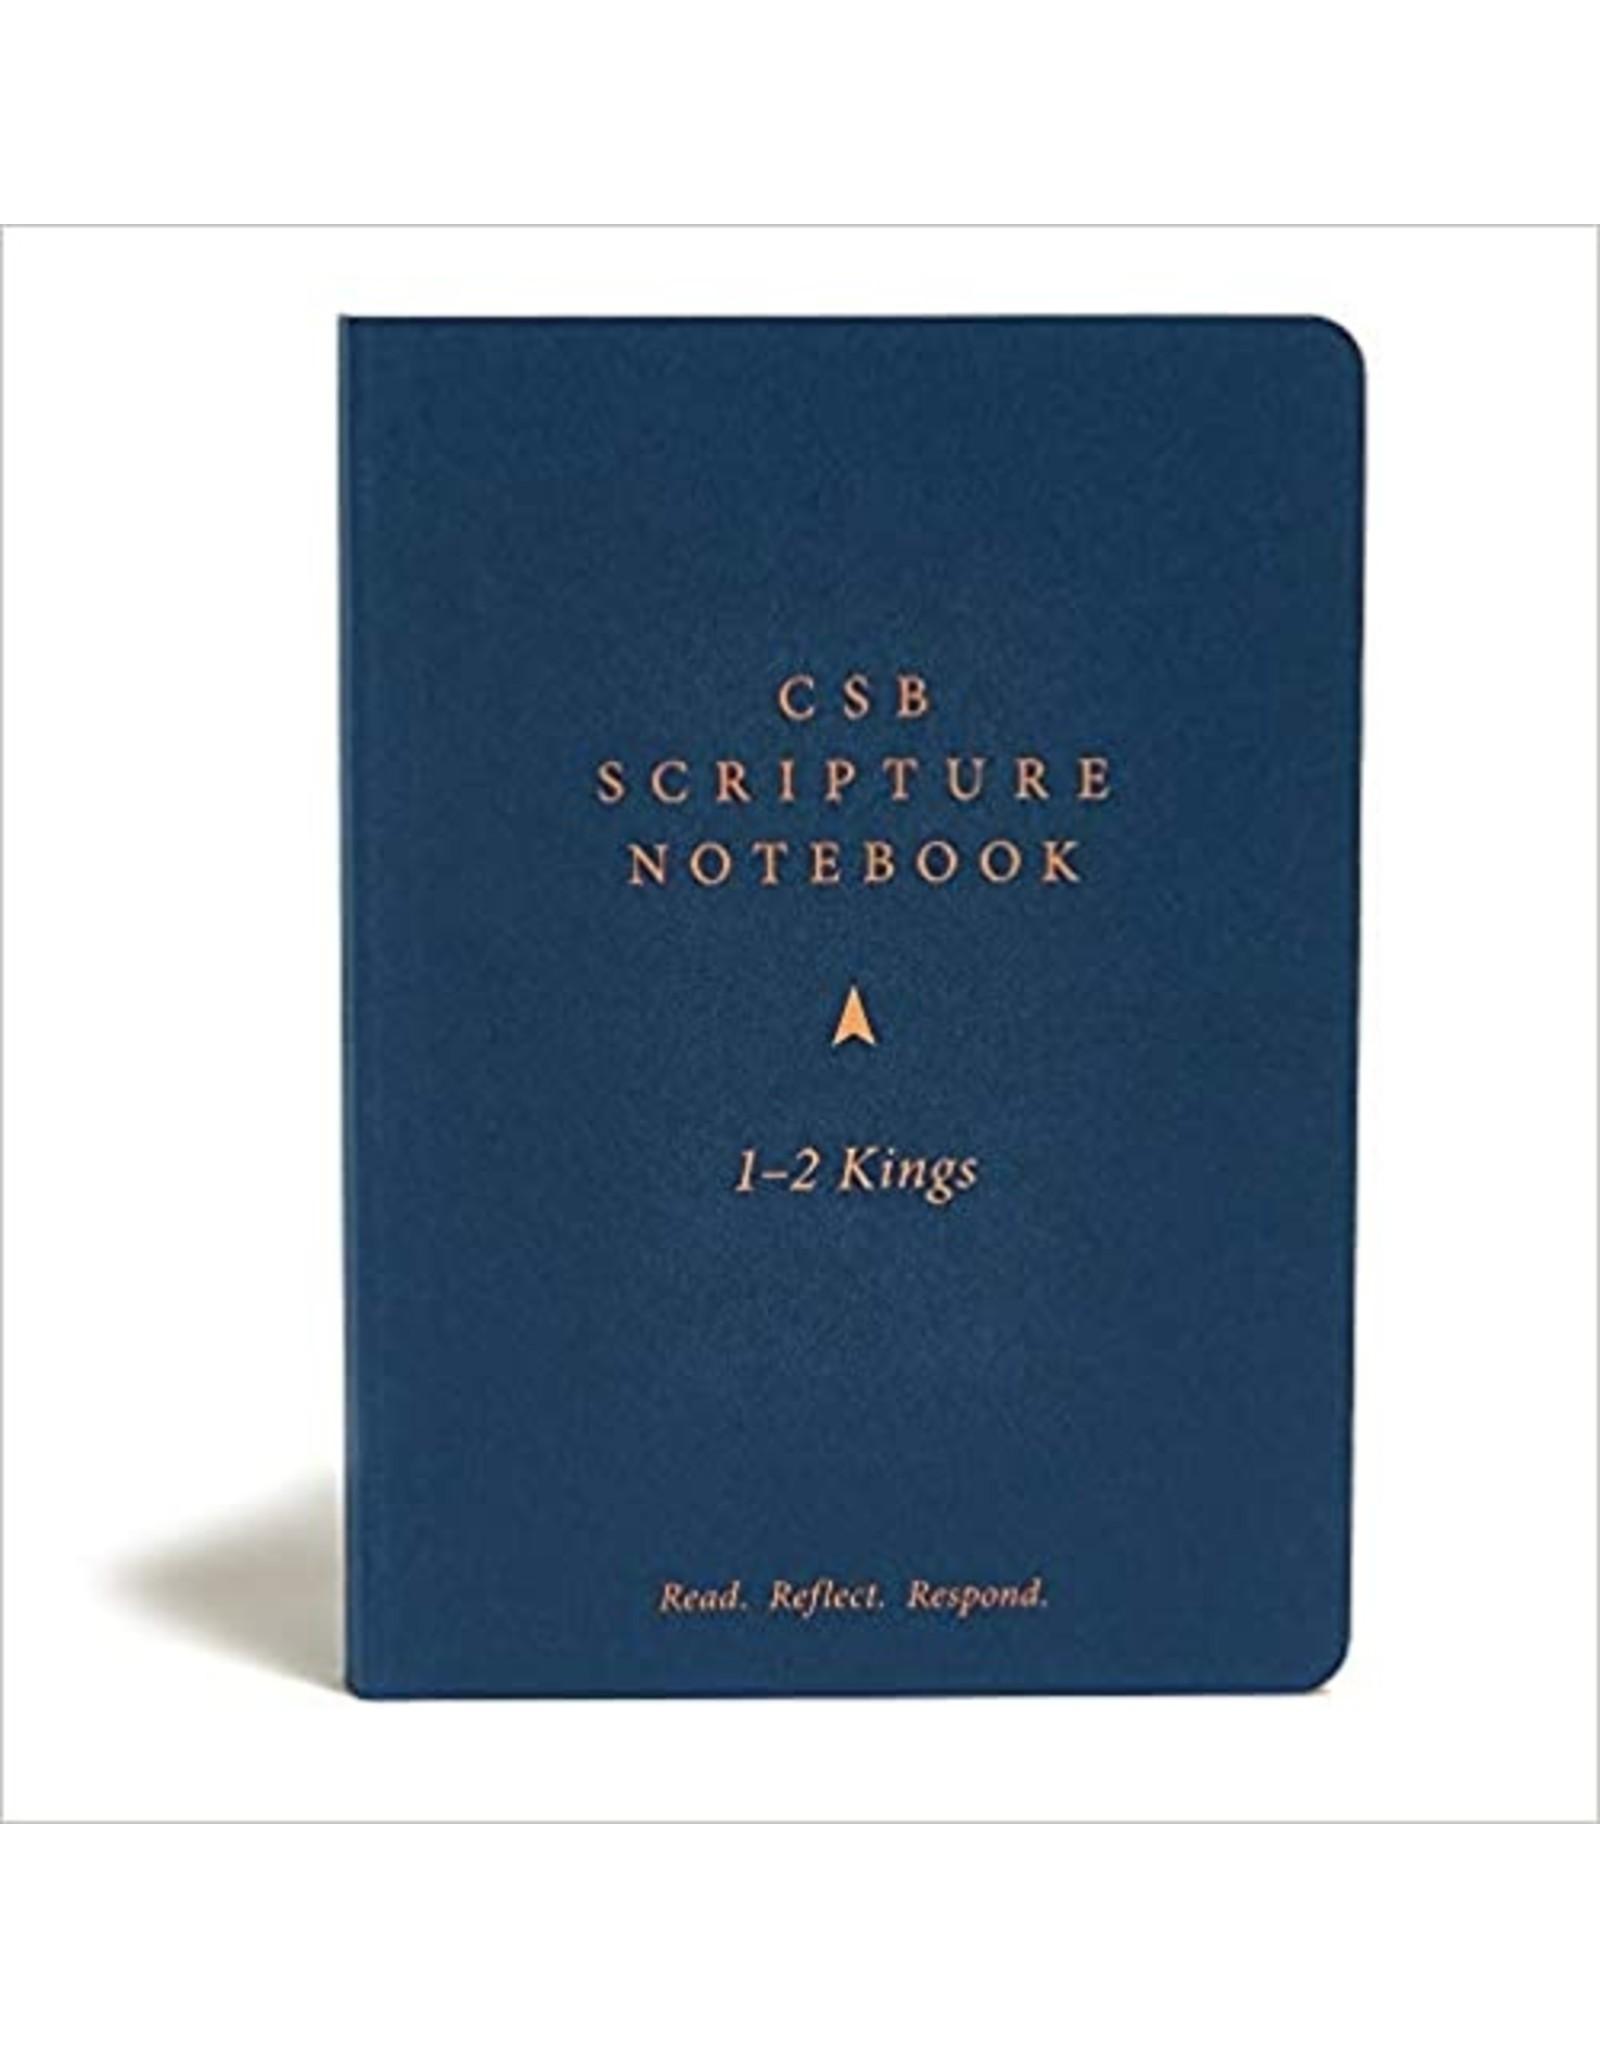 Holman CSB Scripture Notebook - 1-2 Kings